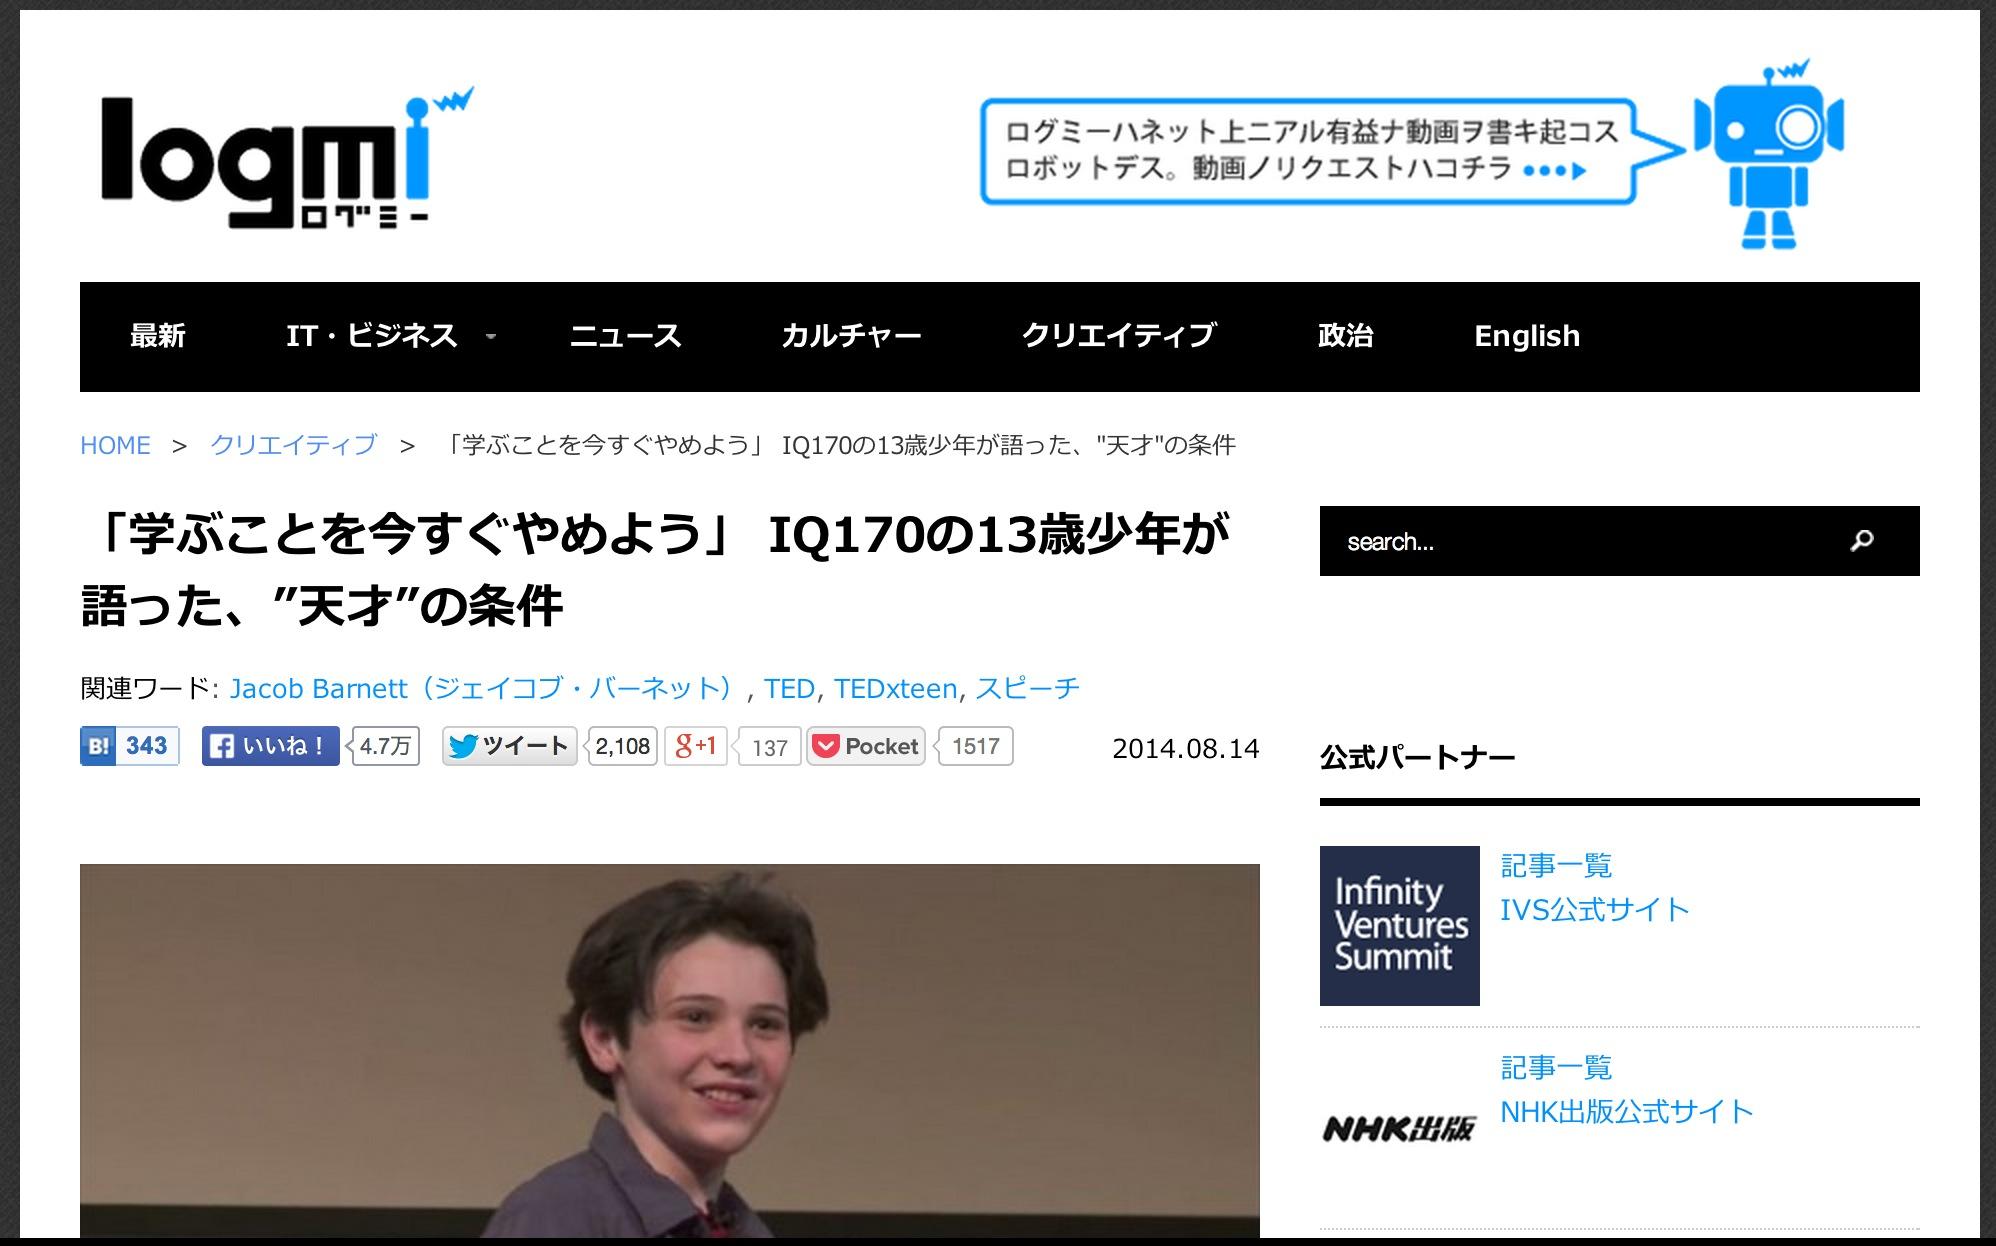 スクリーンショット 2014-10-15 20.58.04